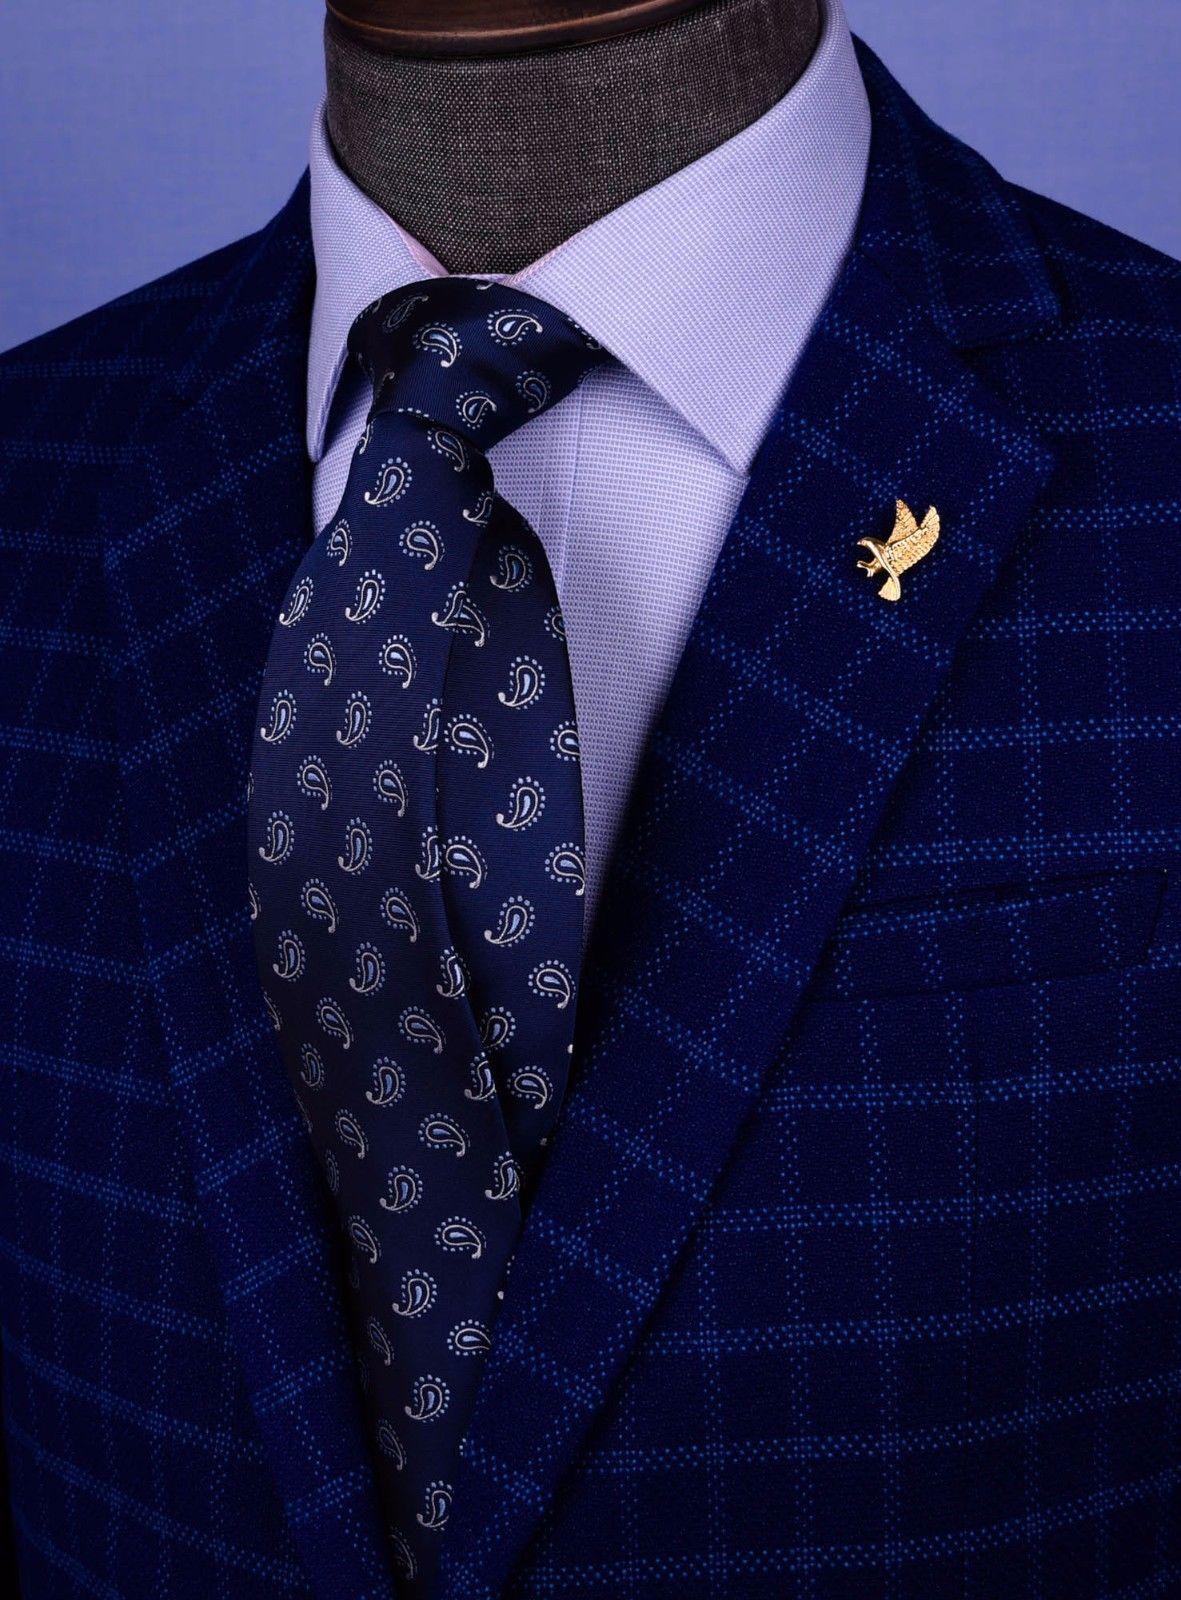 Krawatten & Fliegen Navy Blue & White Italian Paisley Designer Tie 8cm Necktie Florentine Accessory Herren-Accessoires